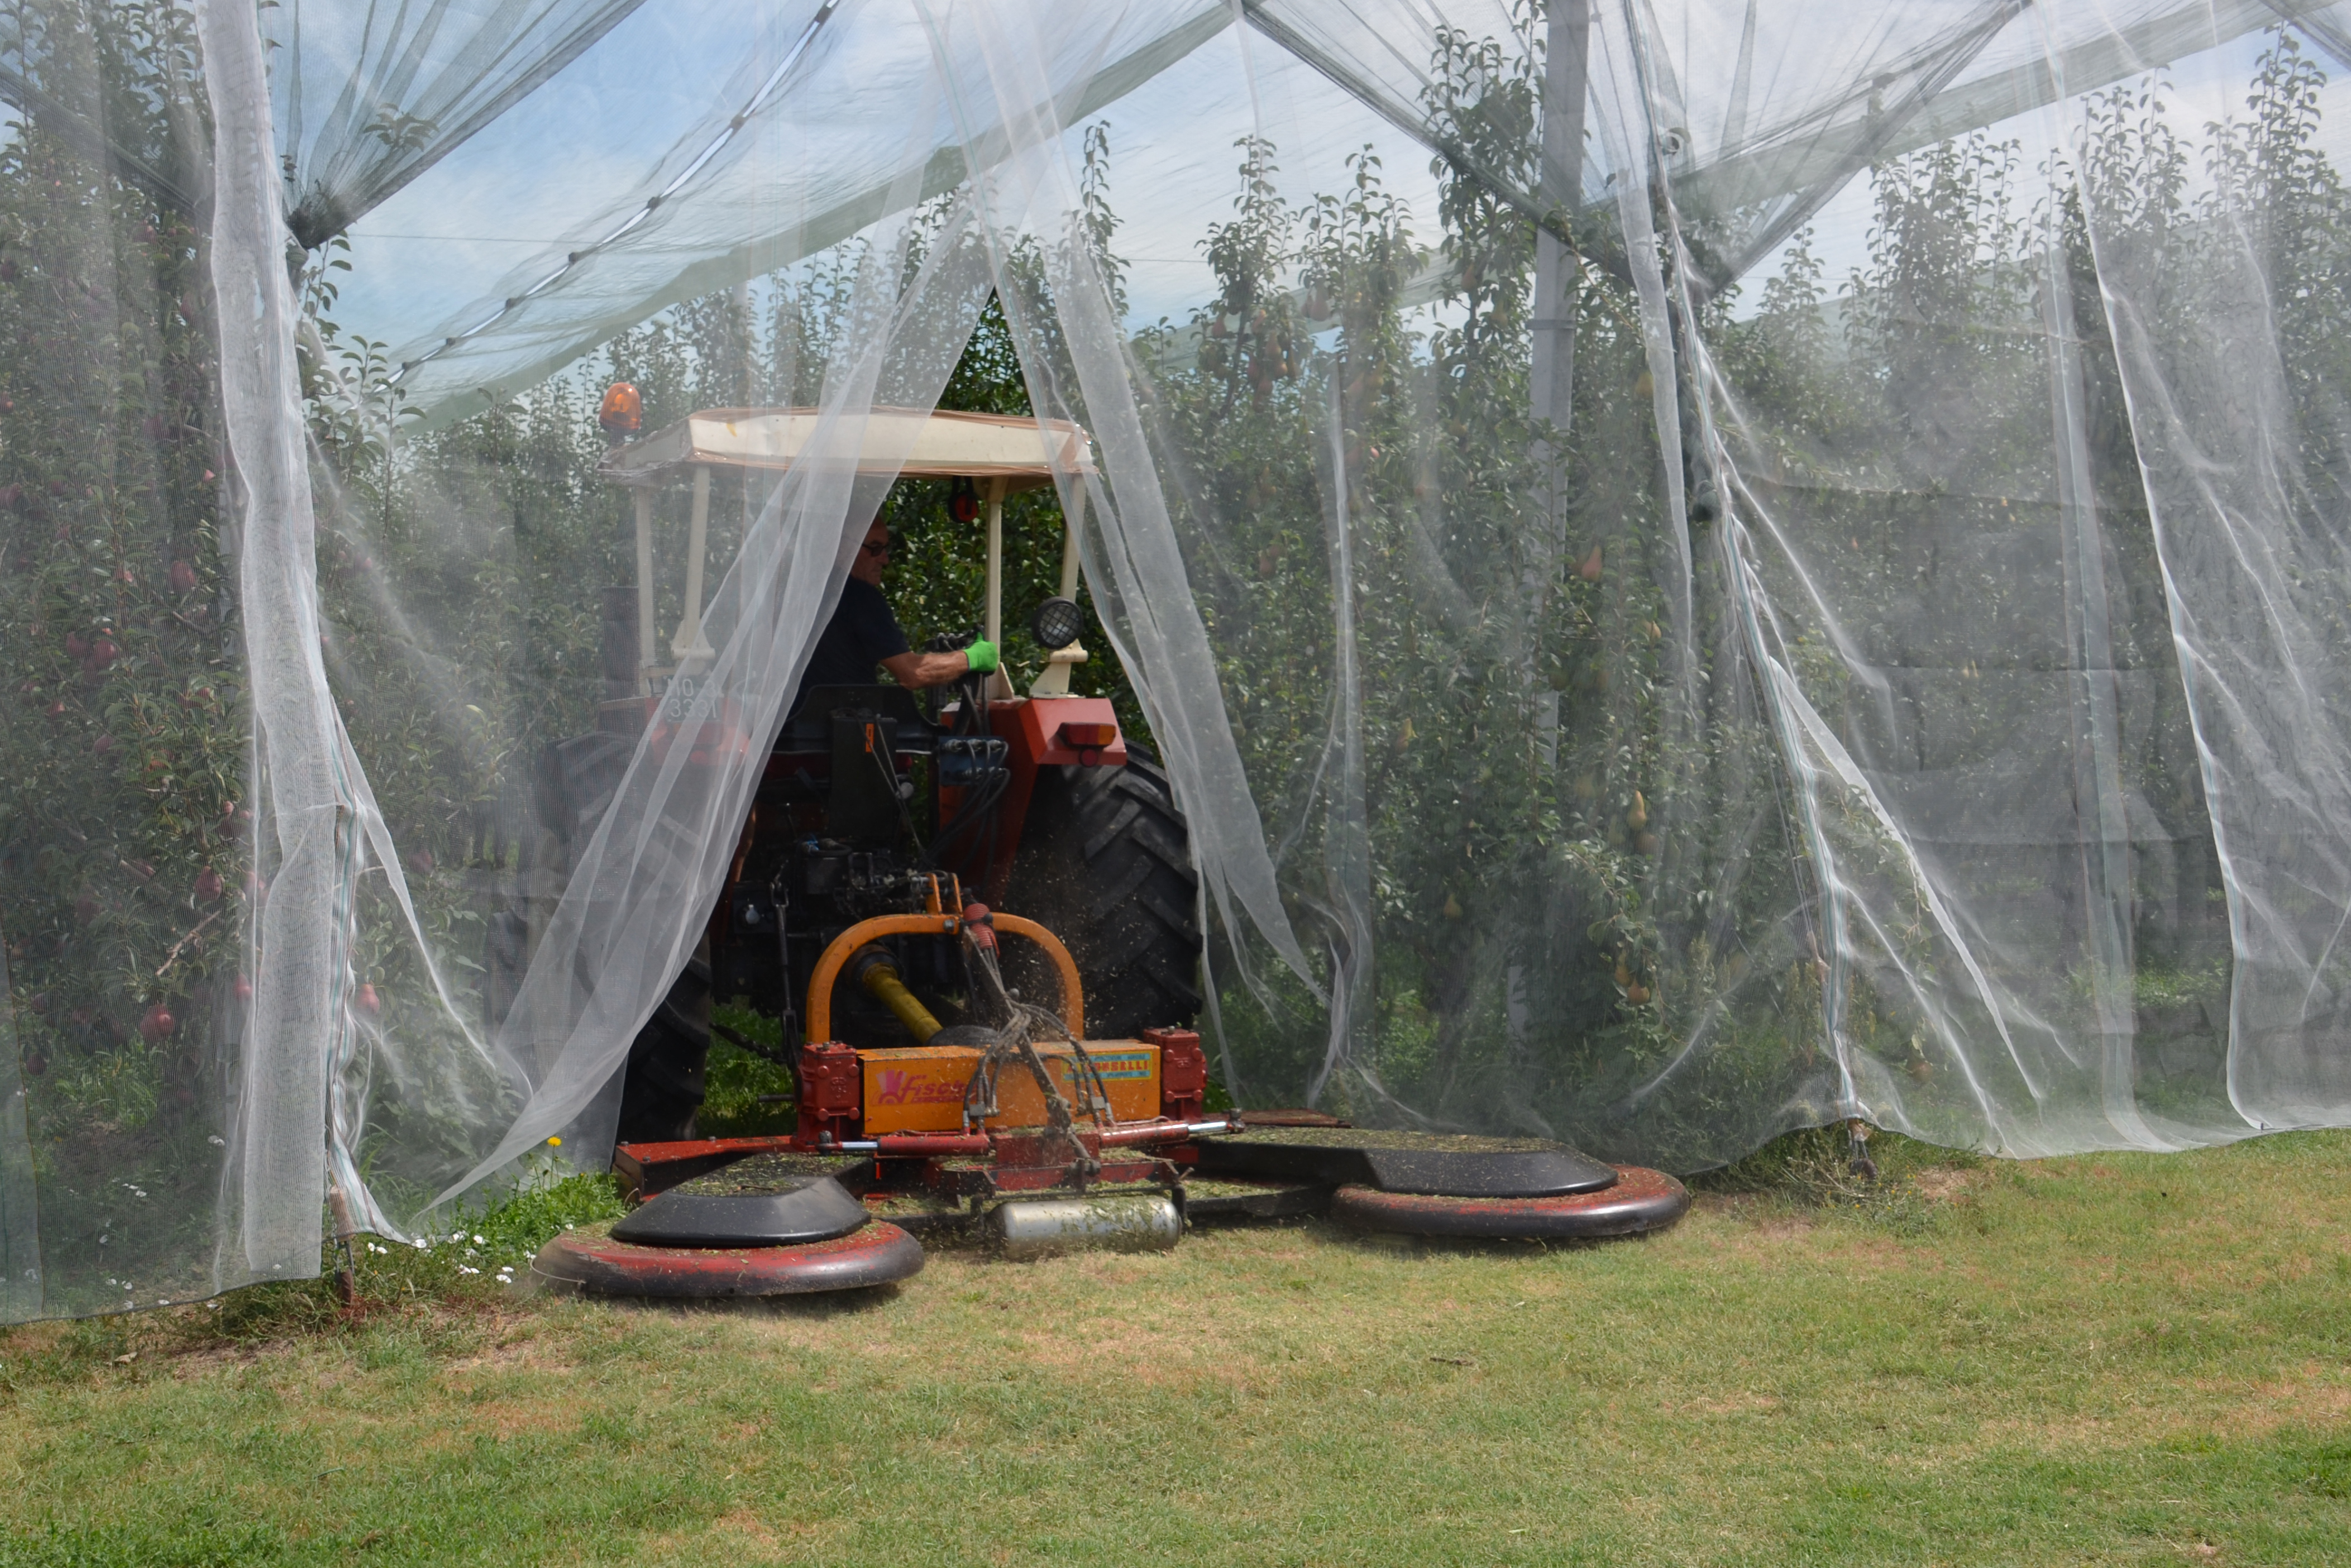 Cimice asiatica reti anti insetto a confronto terra e vita for Cimice insetto